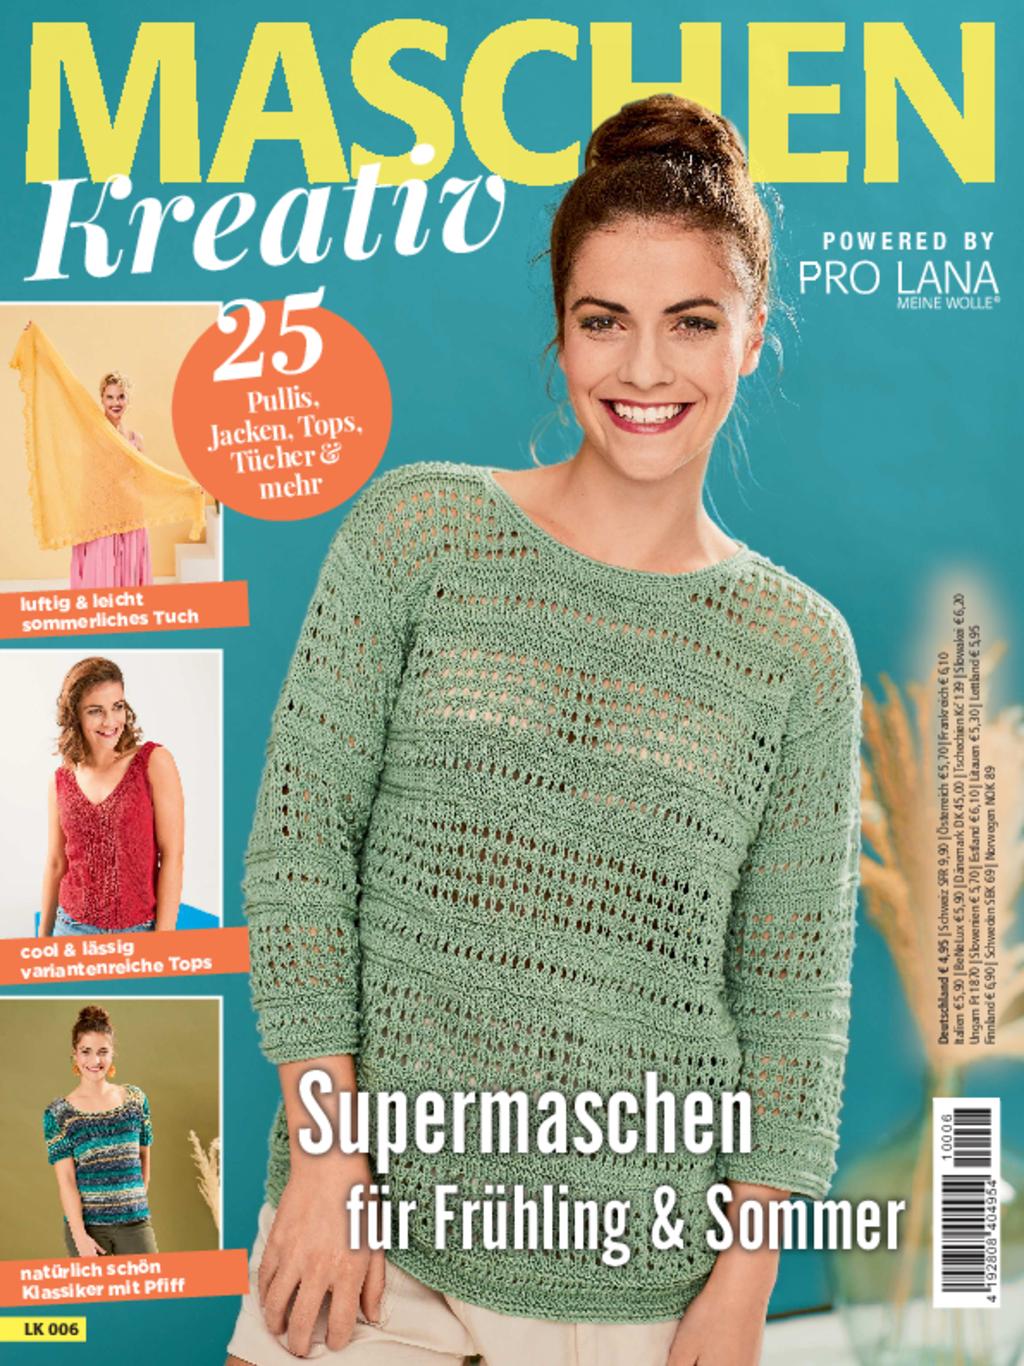 Maschen kreativ LK006 - Supermaschen für Frühling & Sommer